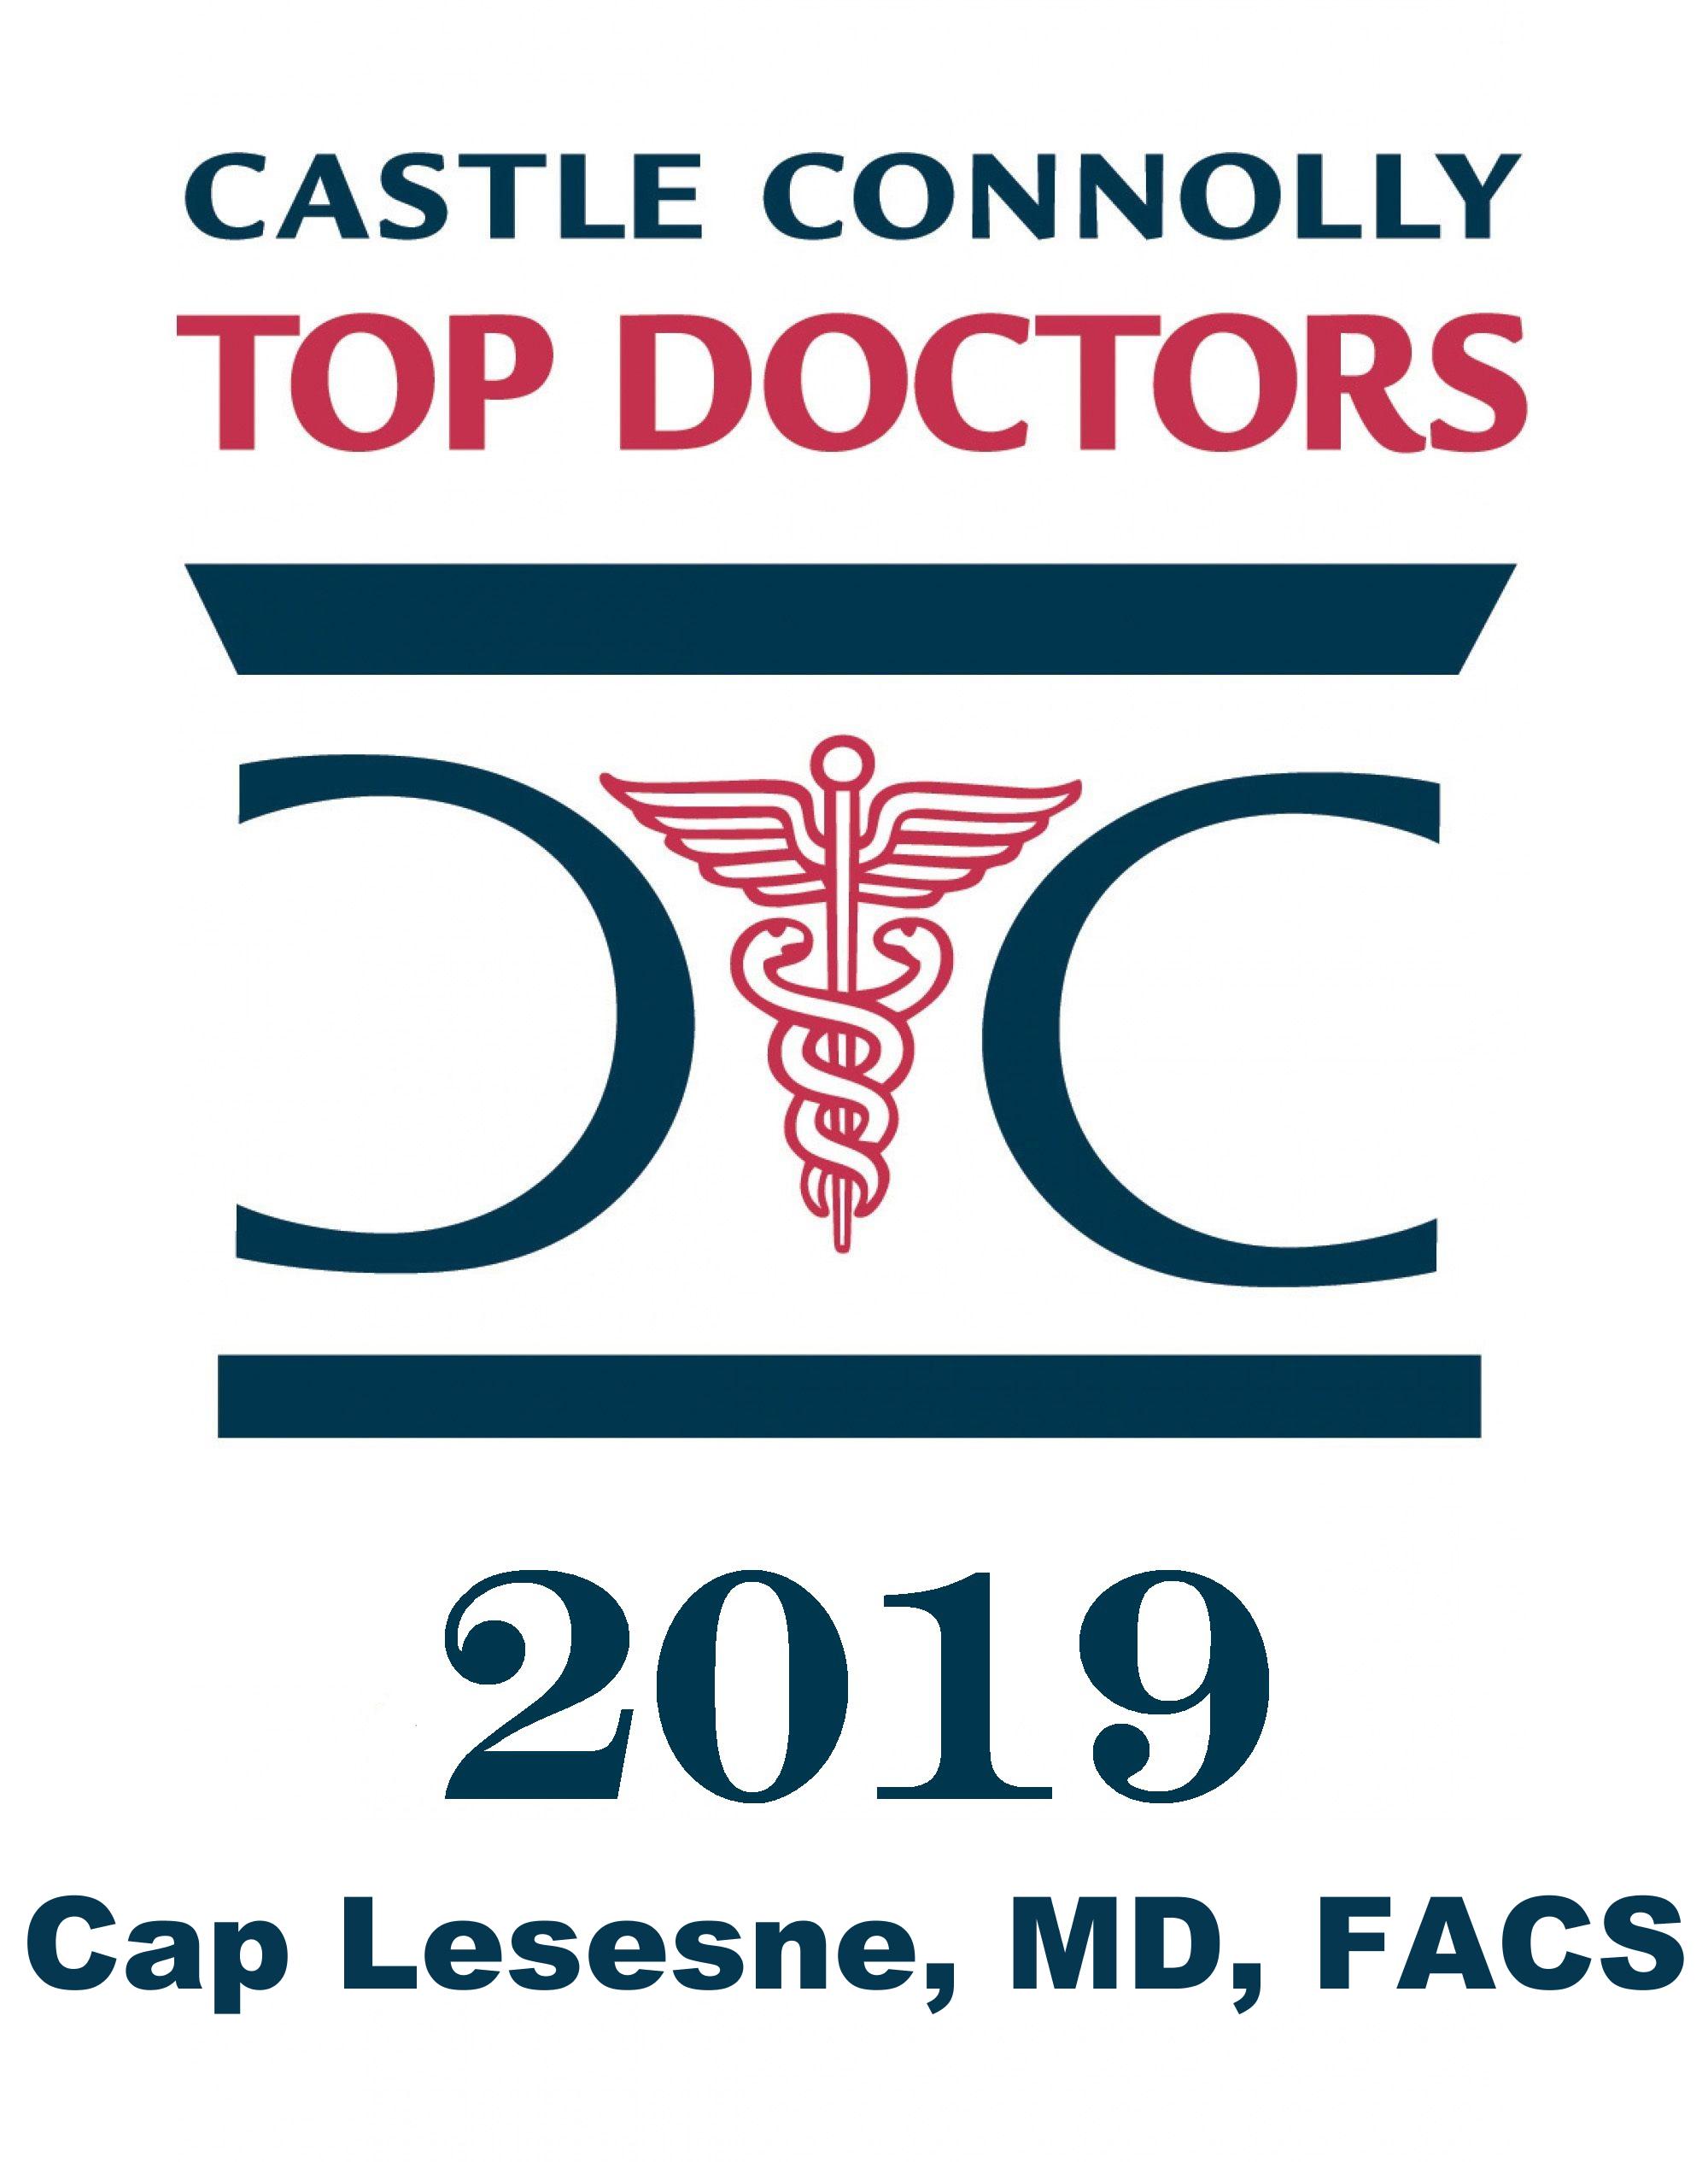 Dr. Cap Lesesne's 2019 Top Docs logo.png